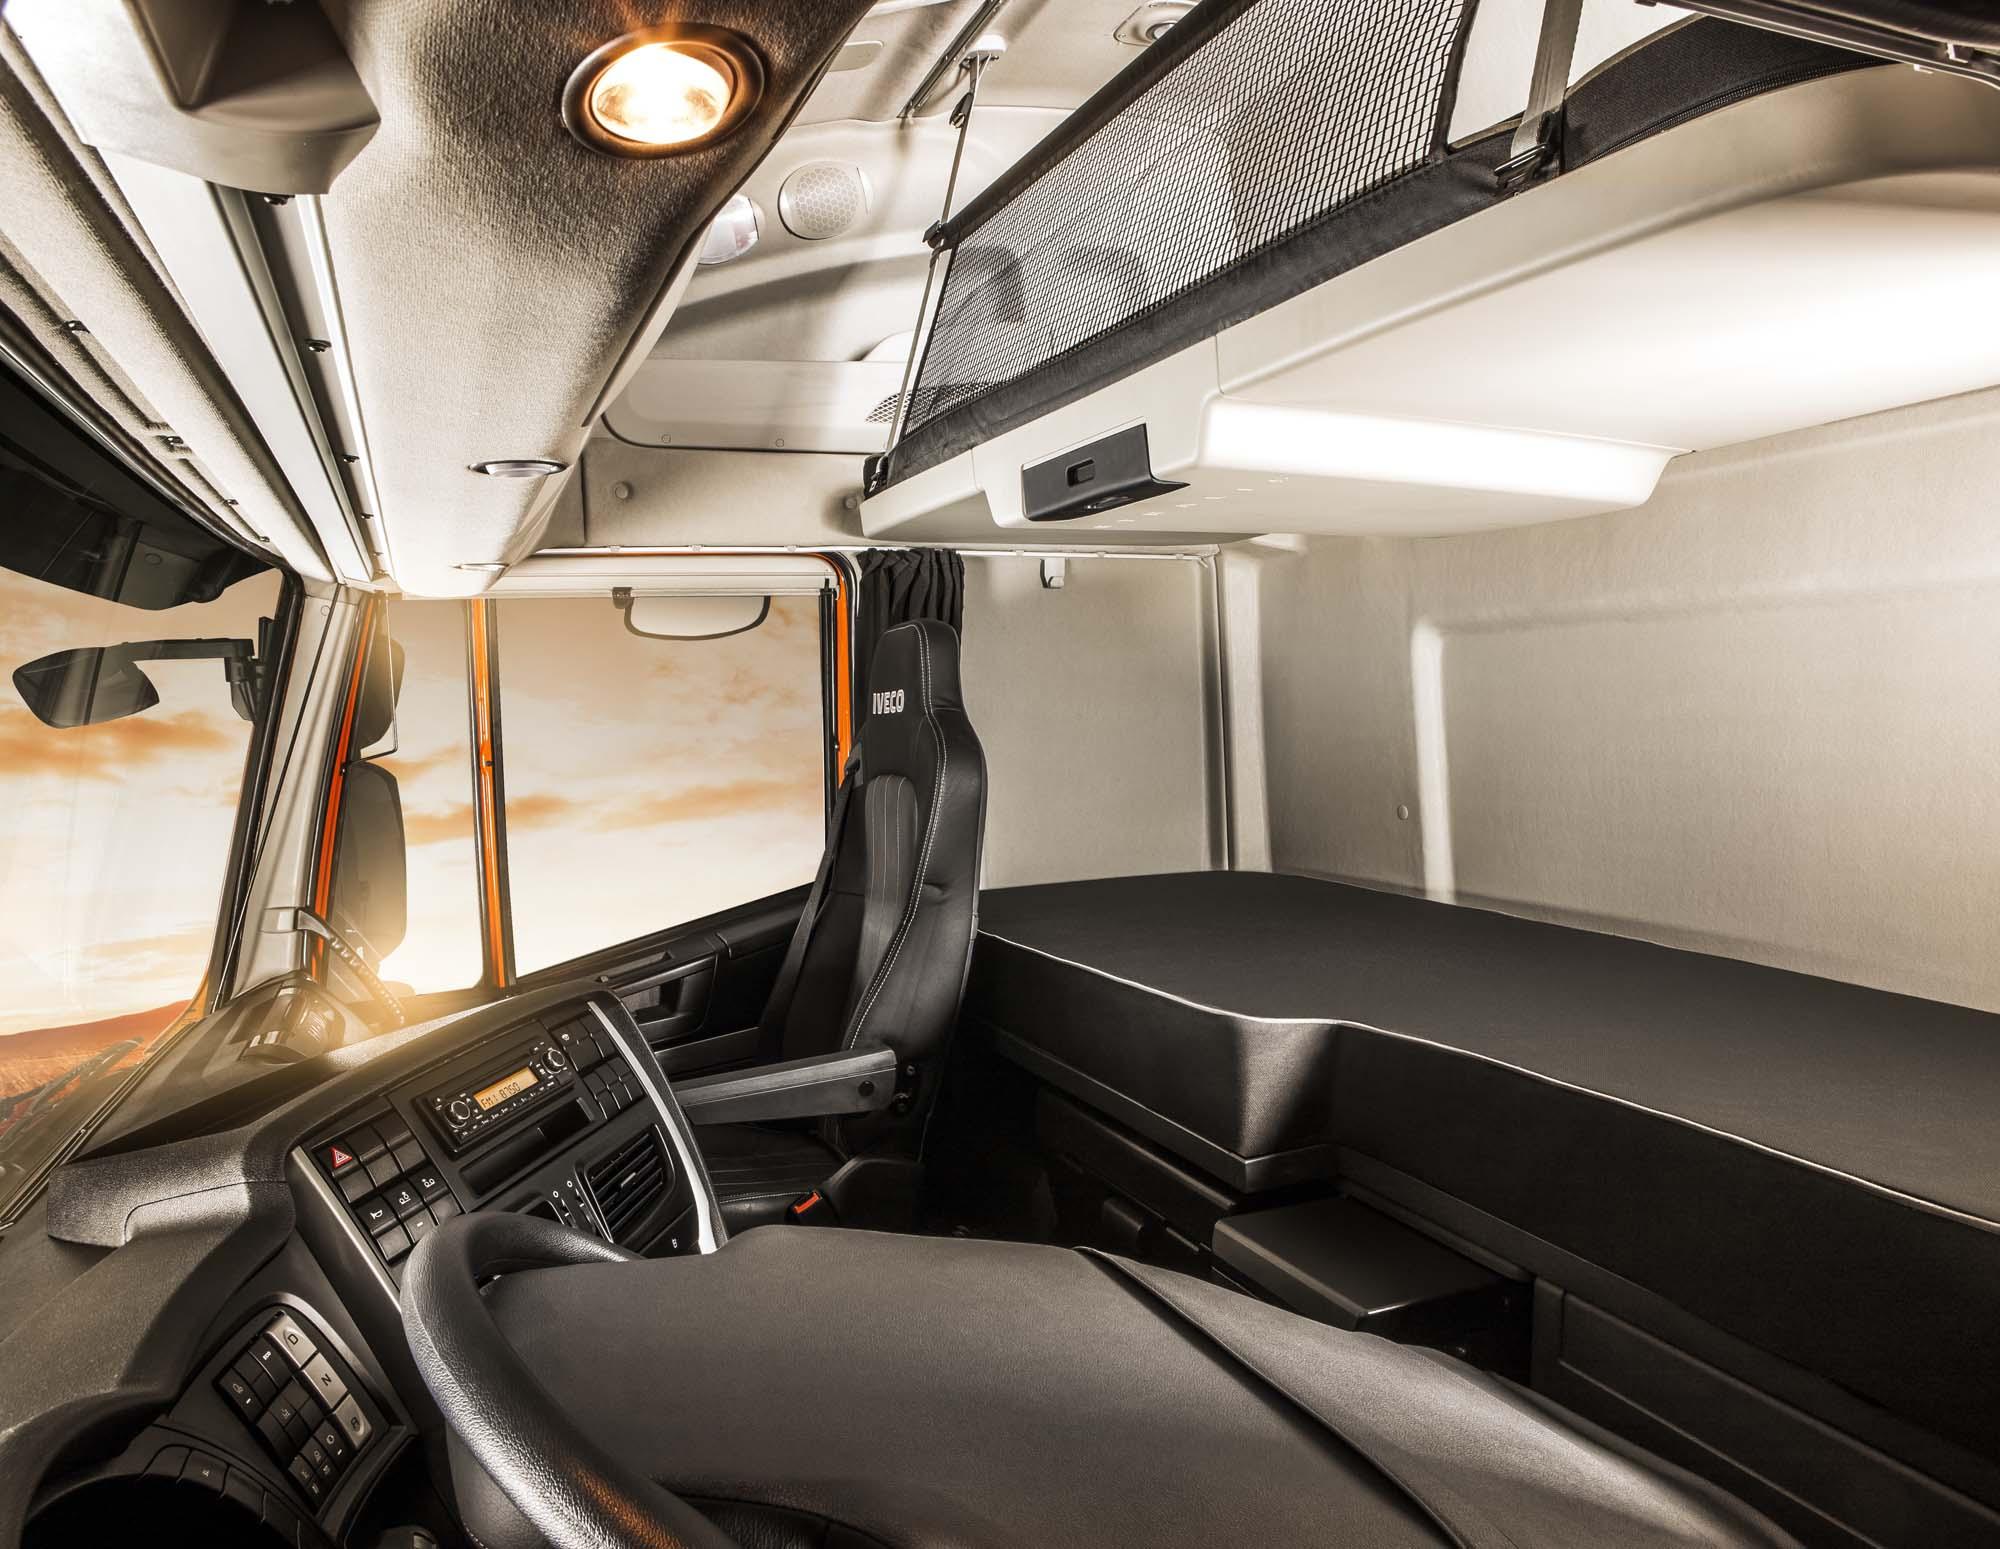 Confira dicas para dormir com mais conforto e qualidade na boleia do seu caminhão.